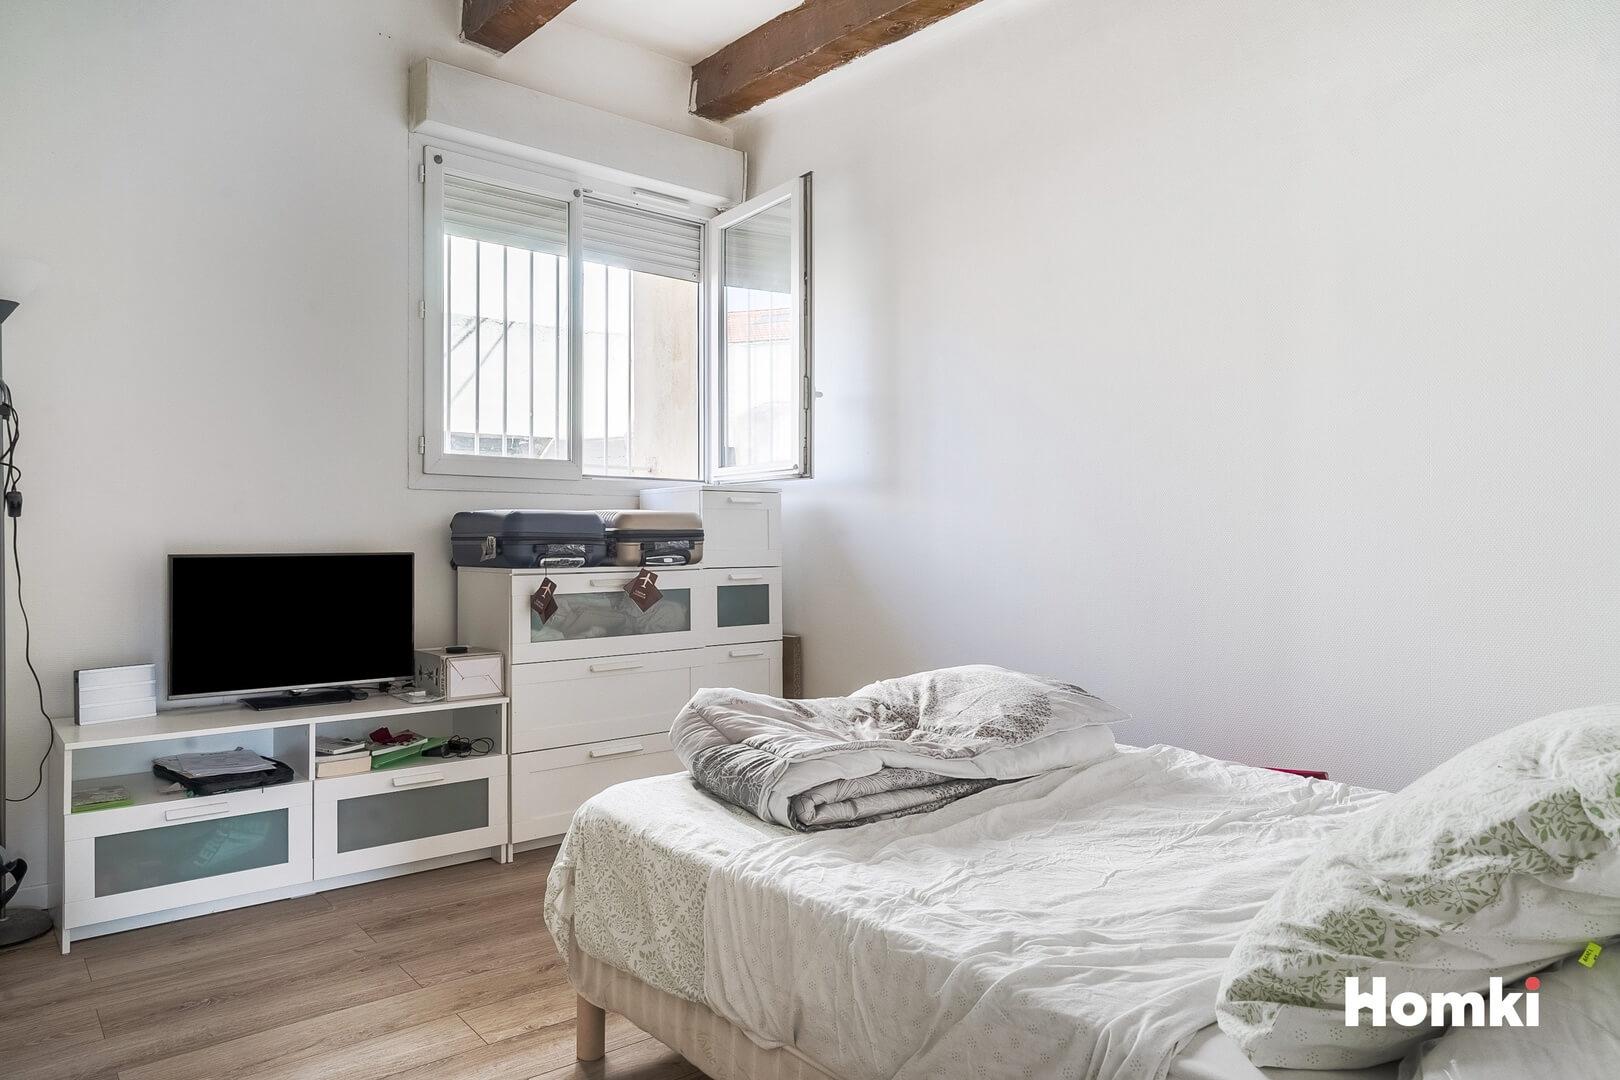 Homki - Vente Appartement  de 73.0 m² à Marseille 13014